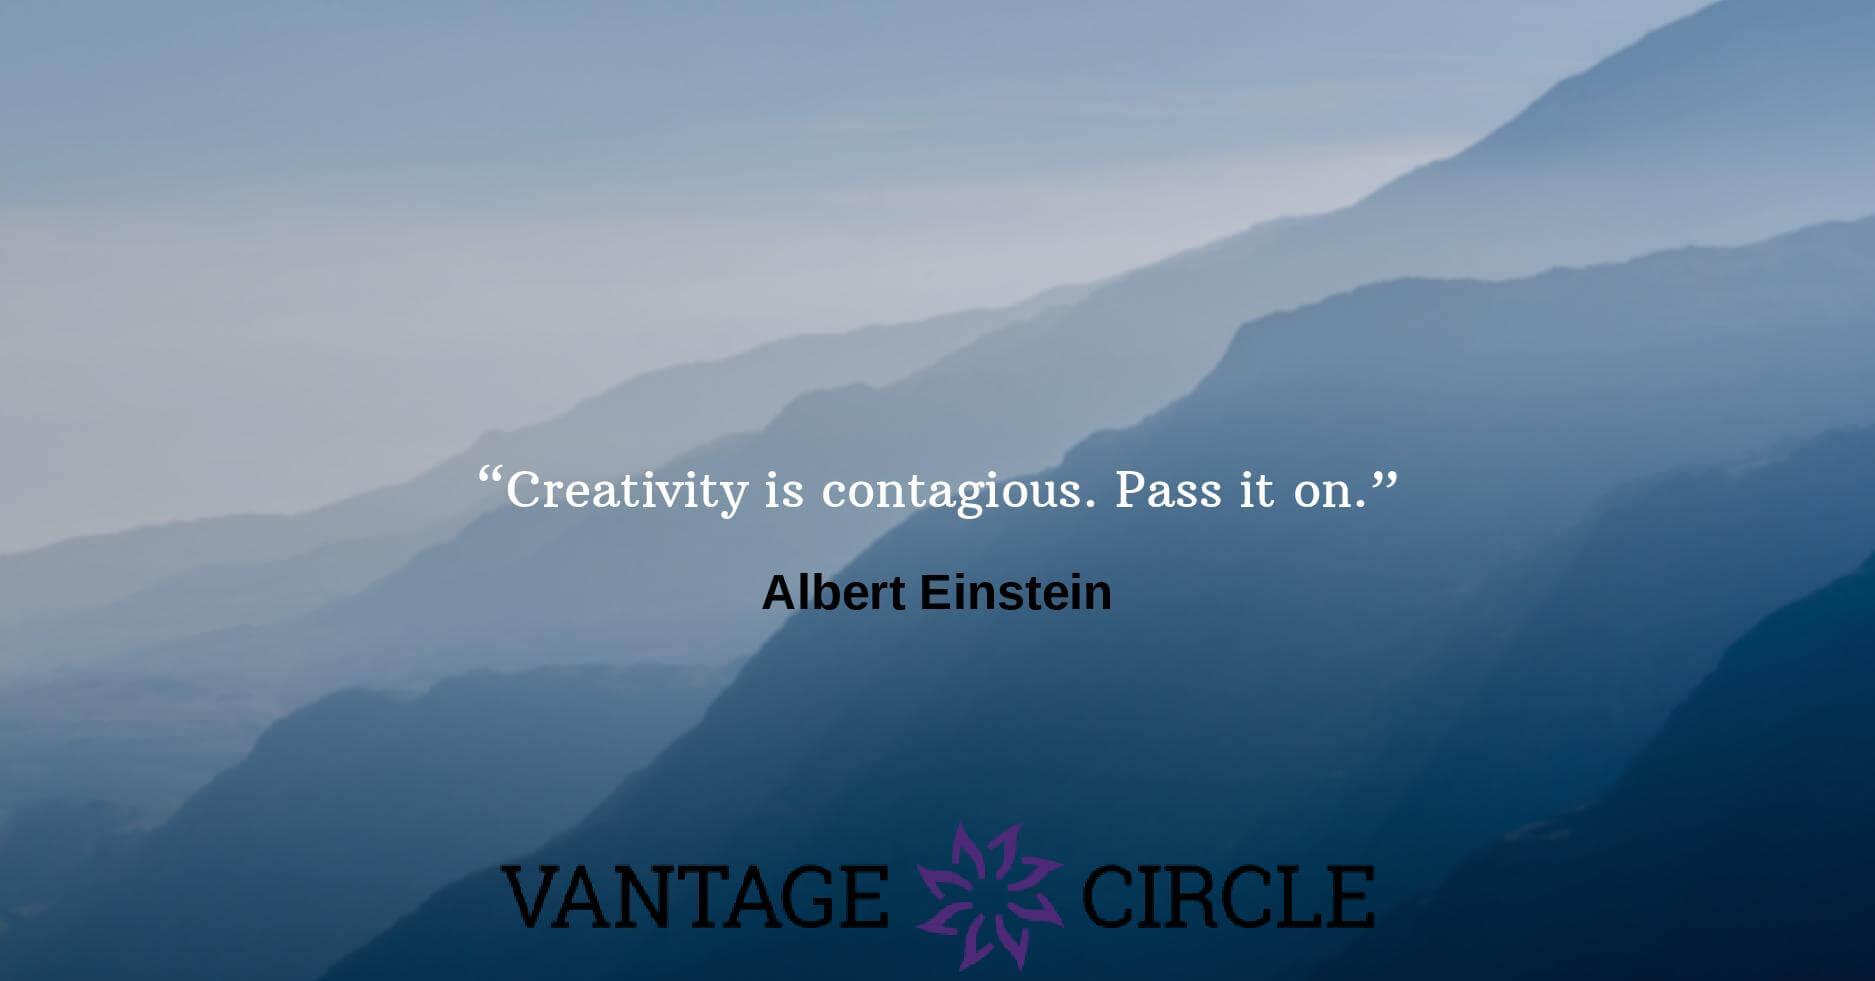 Employee-motivational-quotes-Albert-Einstein